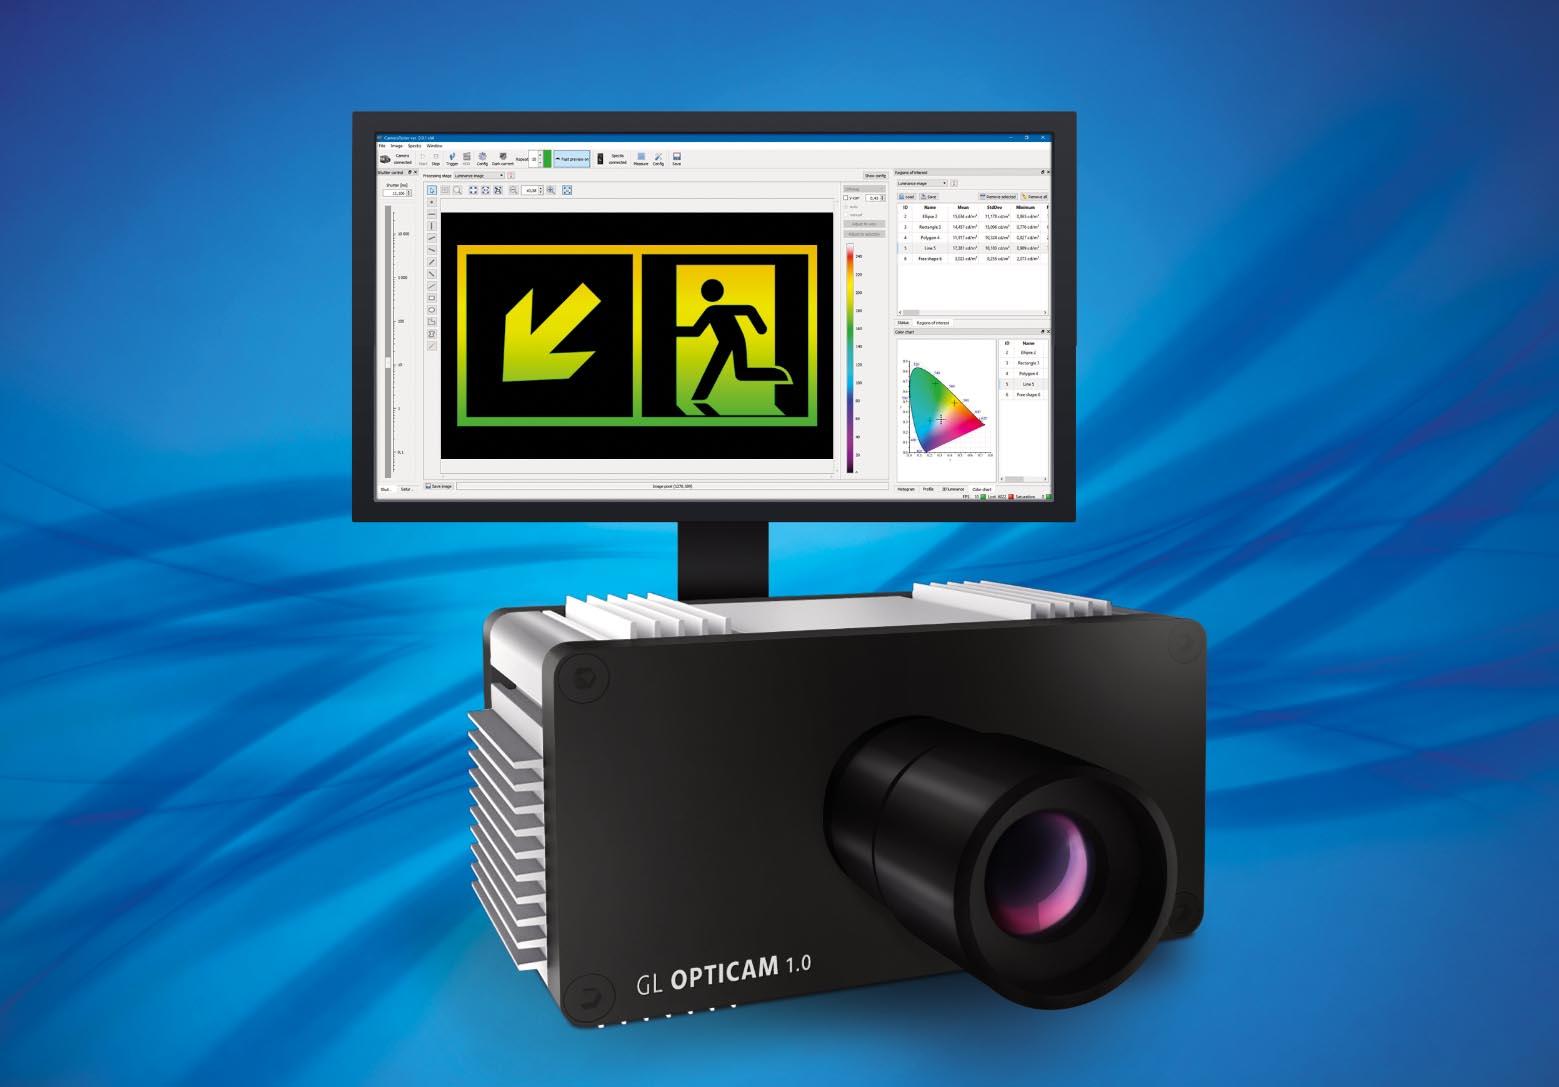 (Bild: GL Optic Lichtmesstechnik GmbH)